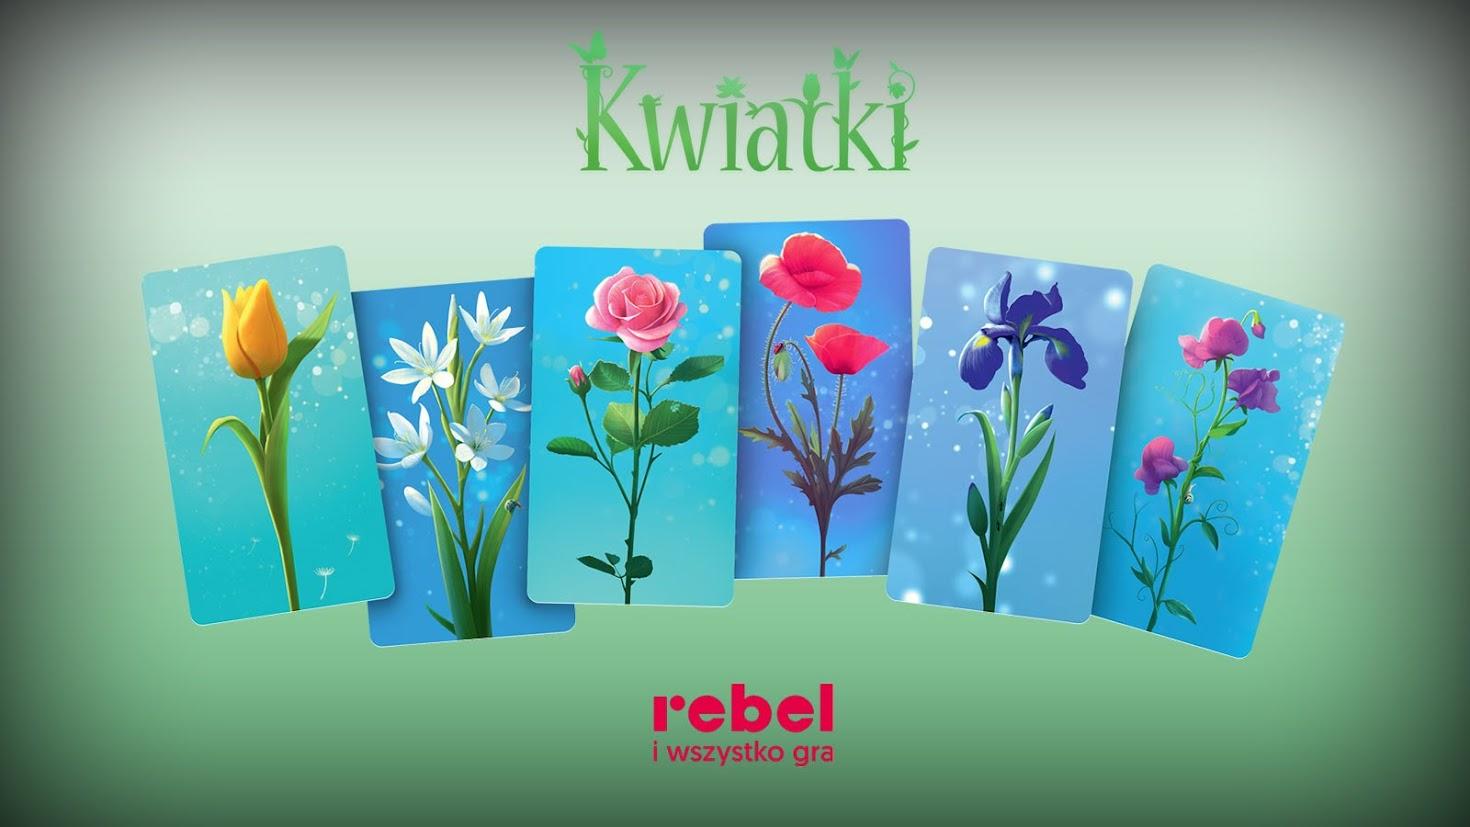 kwiatki rebel gra planszowa